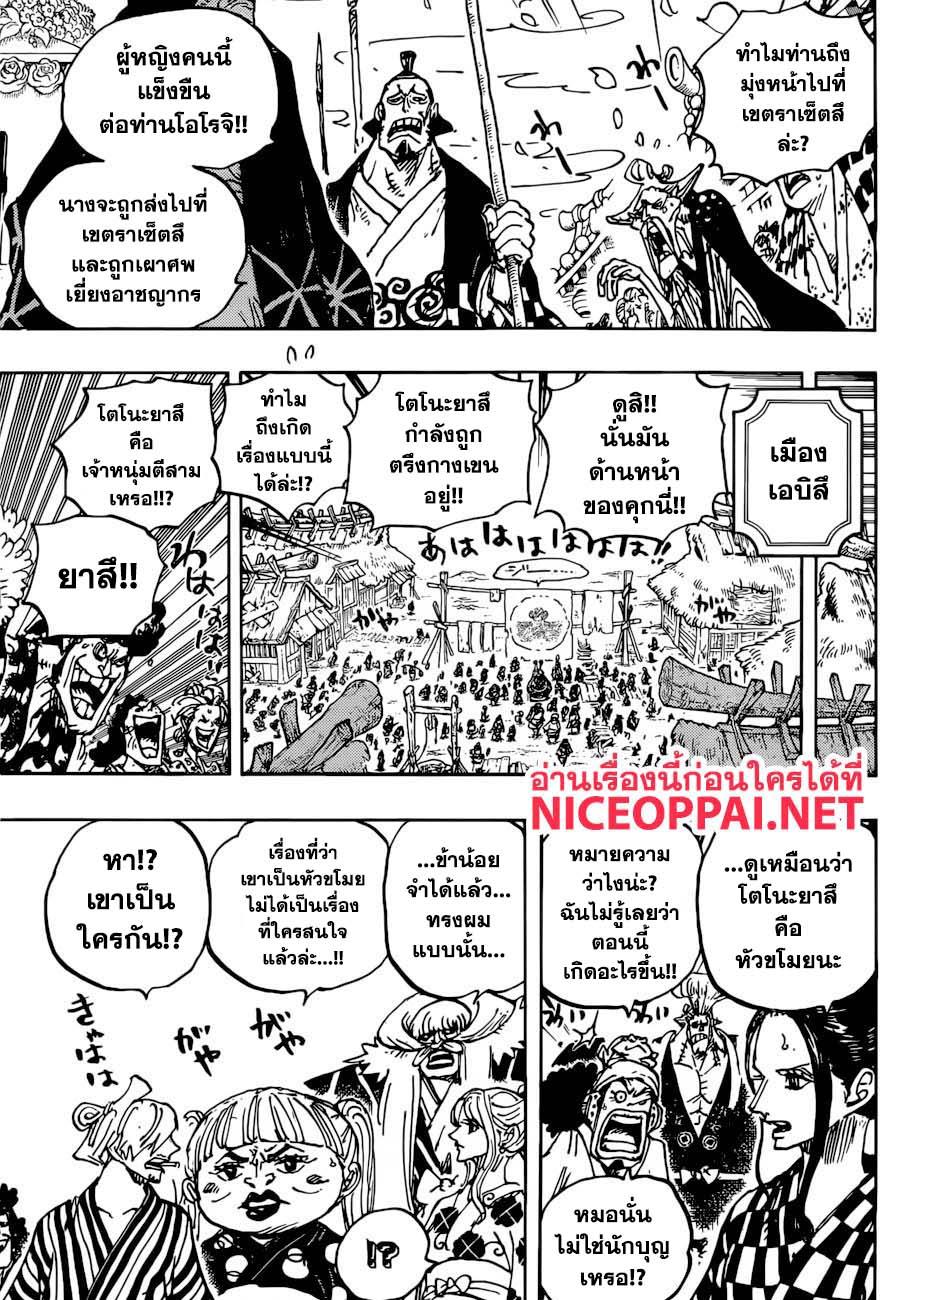 อ่านการ์ตูน One Piece ตอนที่ 941 หน้าที่ 15